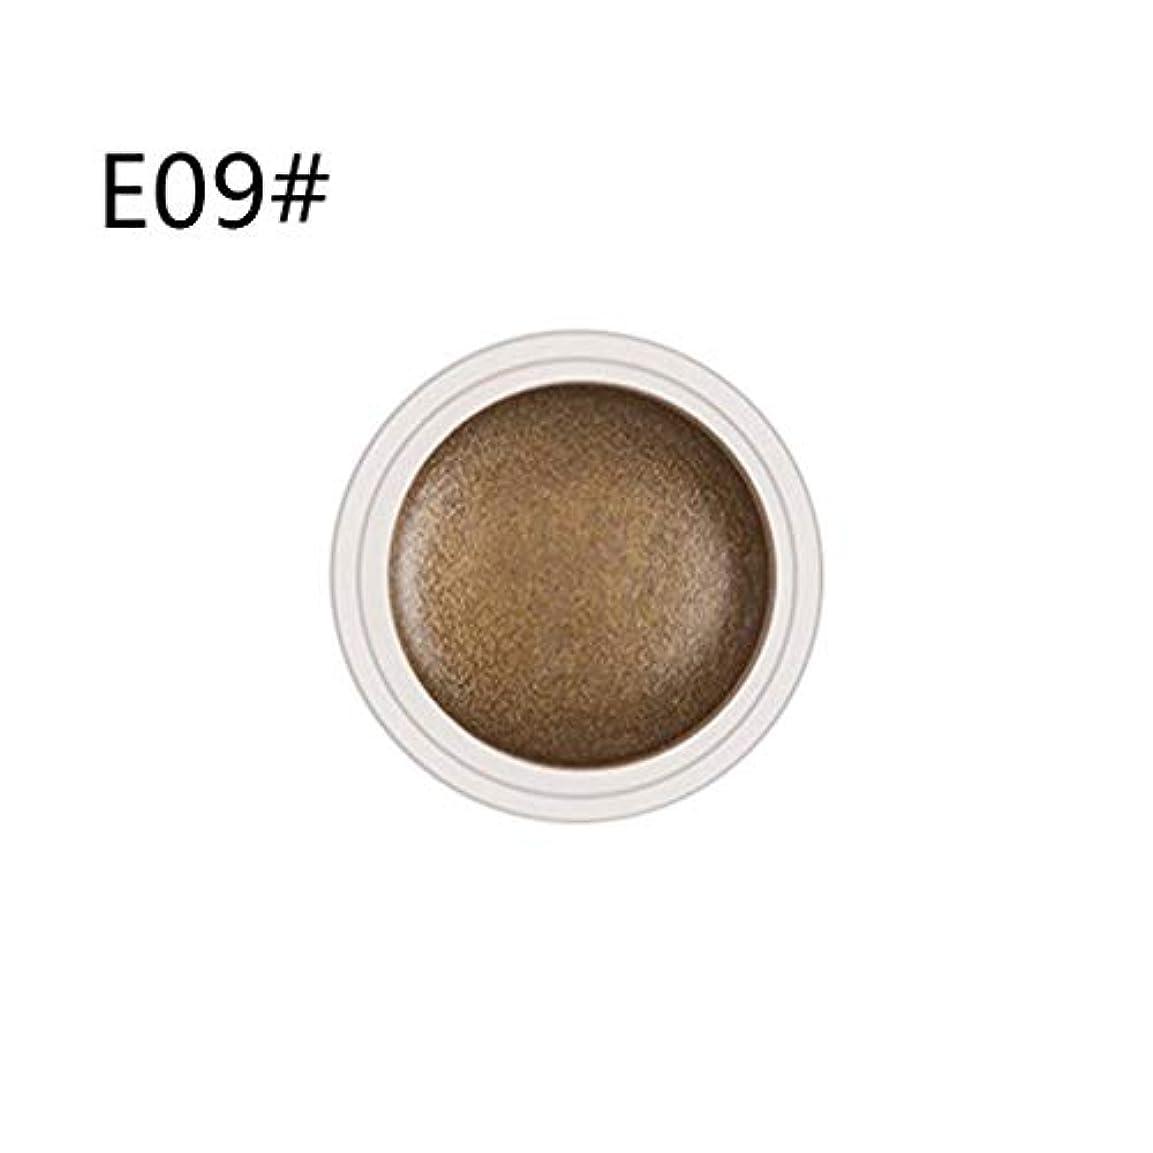 胚試すアトミックプロフェッショナルマットアイメイククリーム単色アイシャドウアイメイクアップパーティークラブ化粧品アイシャドウクリーム